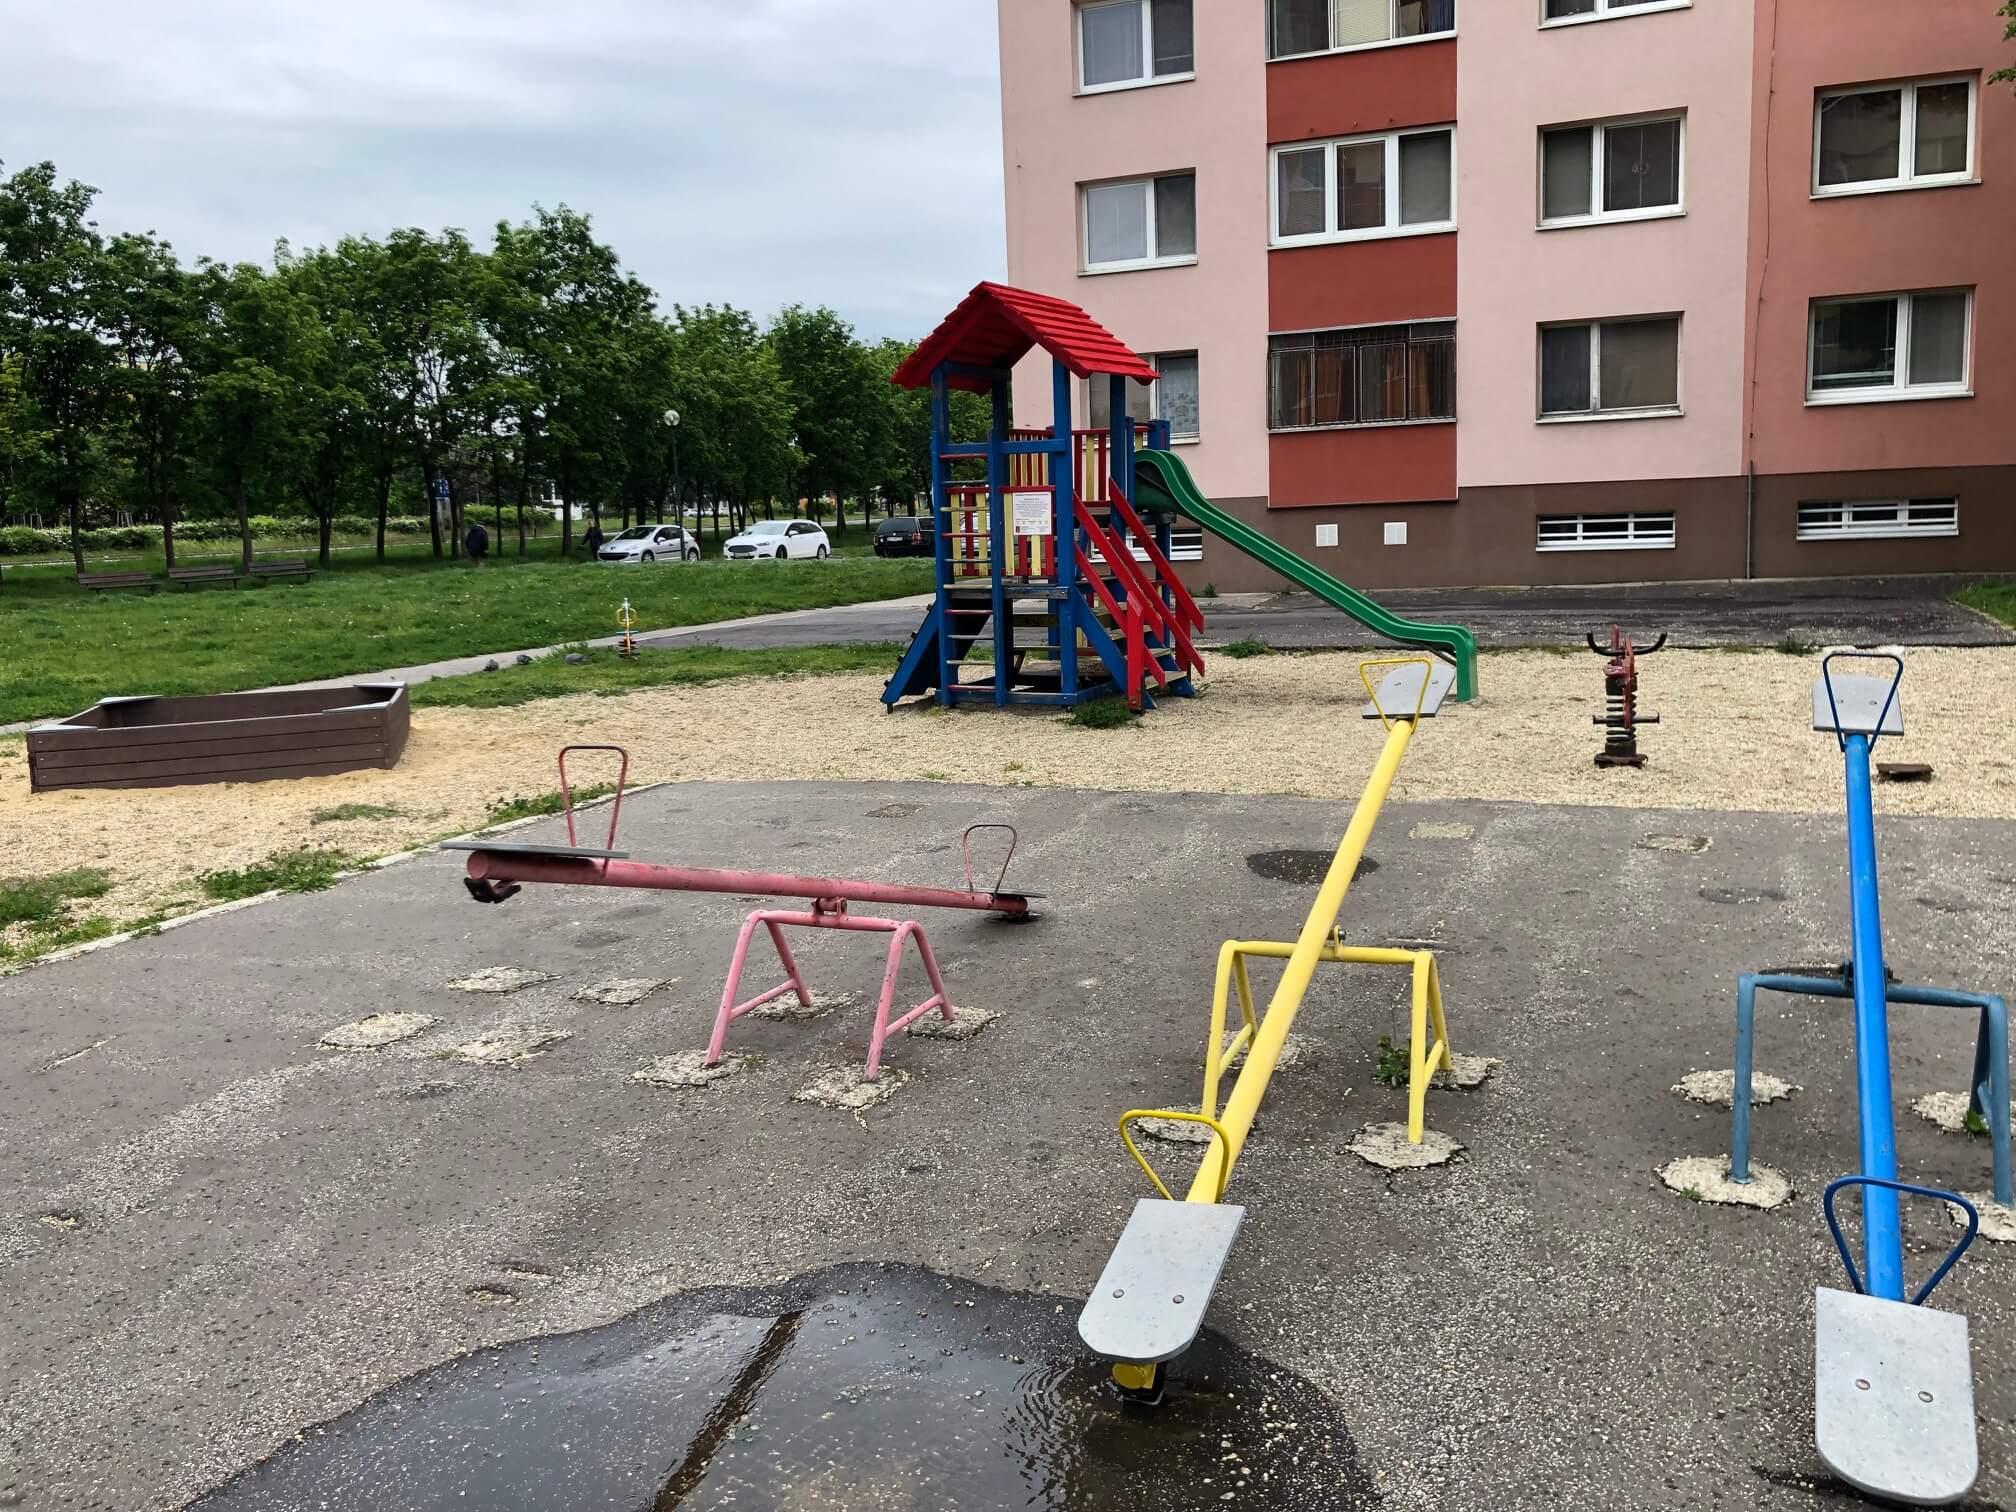 Predaný: 1 izbový byt, Ipeľská, Bratislava, 38m2, nízke náklady, parkovanie, vynikajúca občianska vybavenosť-29